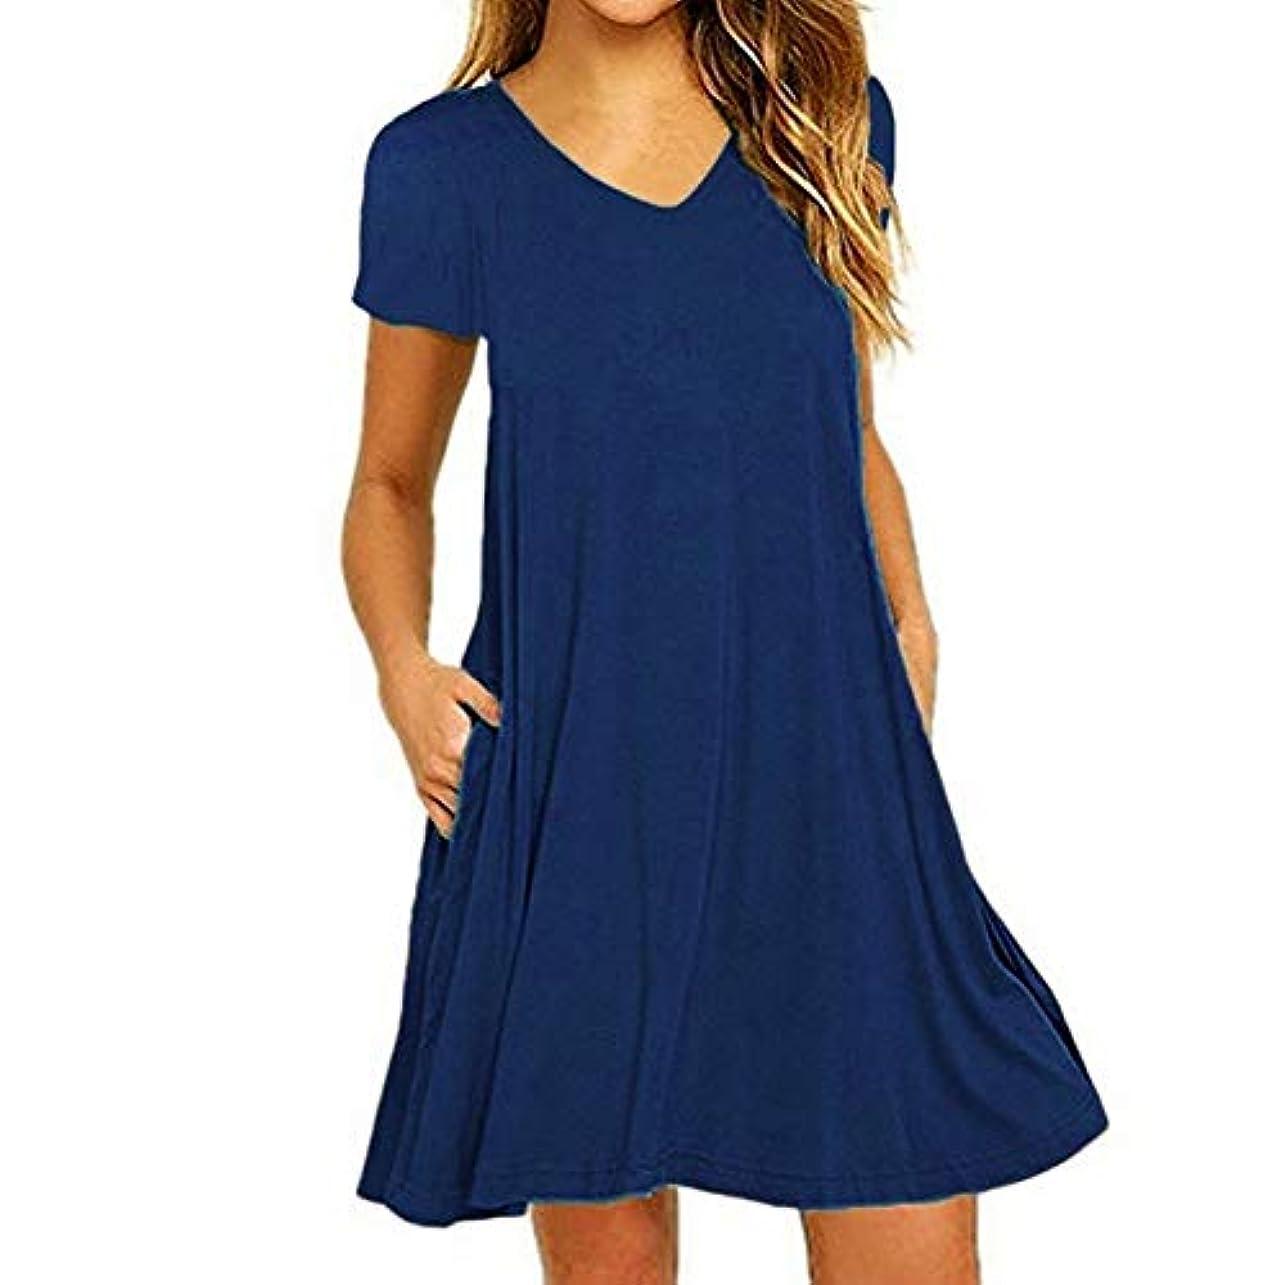 オープニング王朝無視するMIFAN の女性のドレスカジュアルな不規則なドレスルースサマービーチTシャツドレス